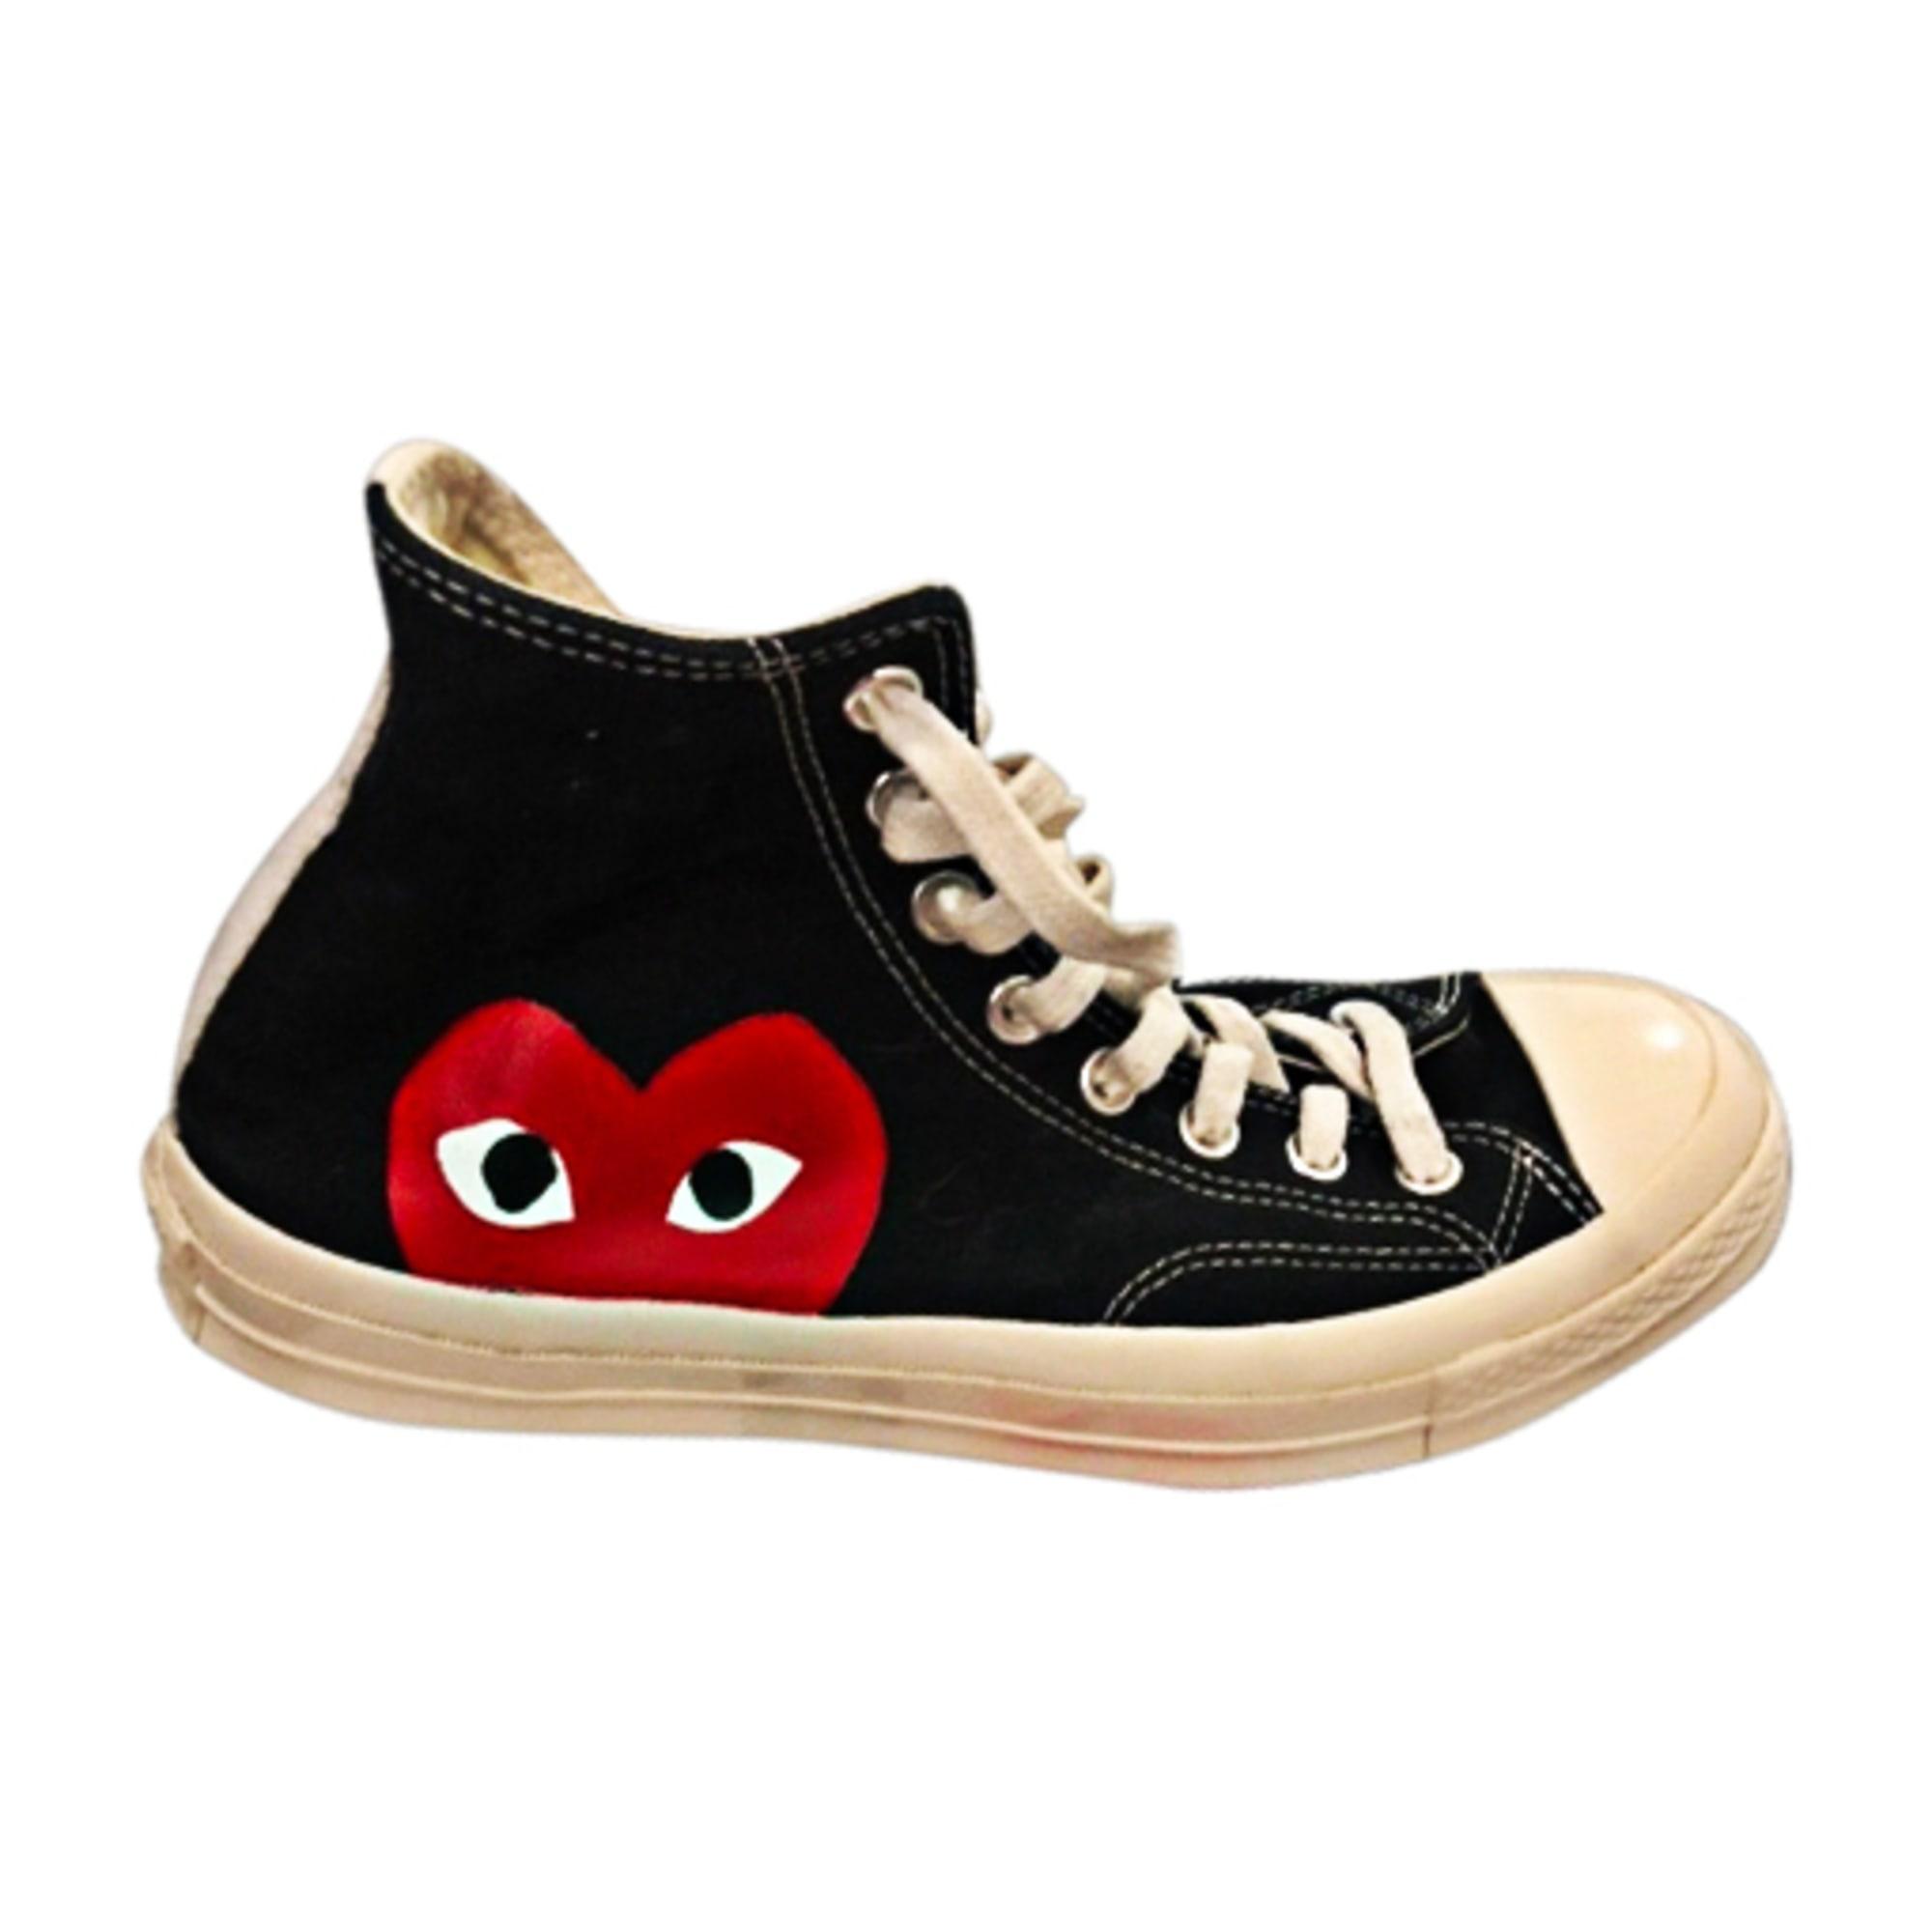 Lace Up Shoes COMME DES GARCONS Blanc noir rouge